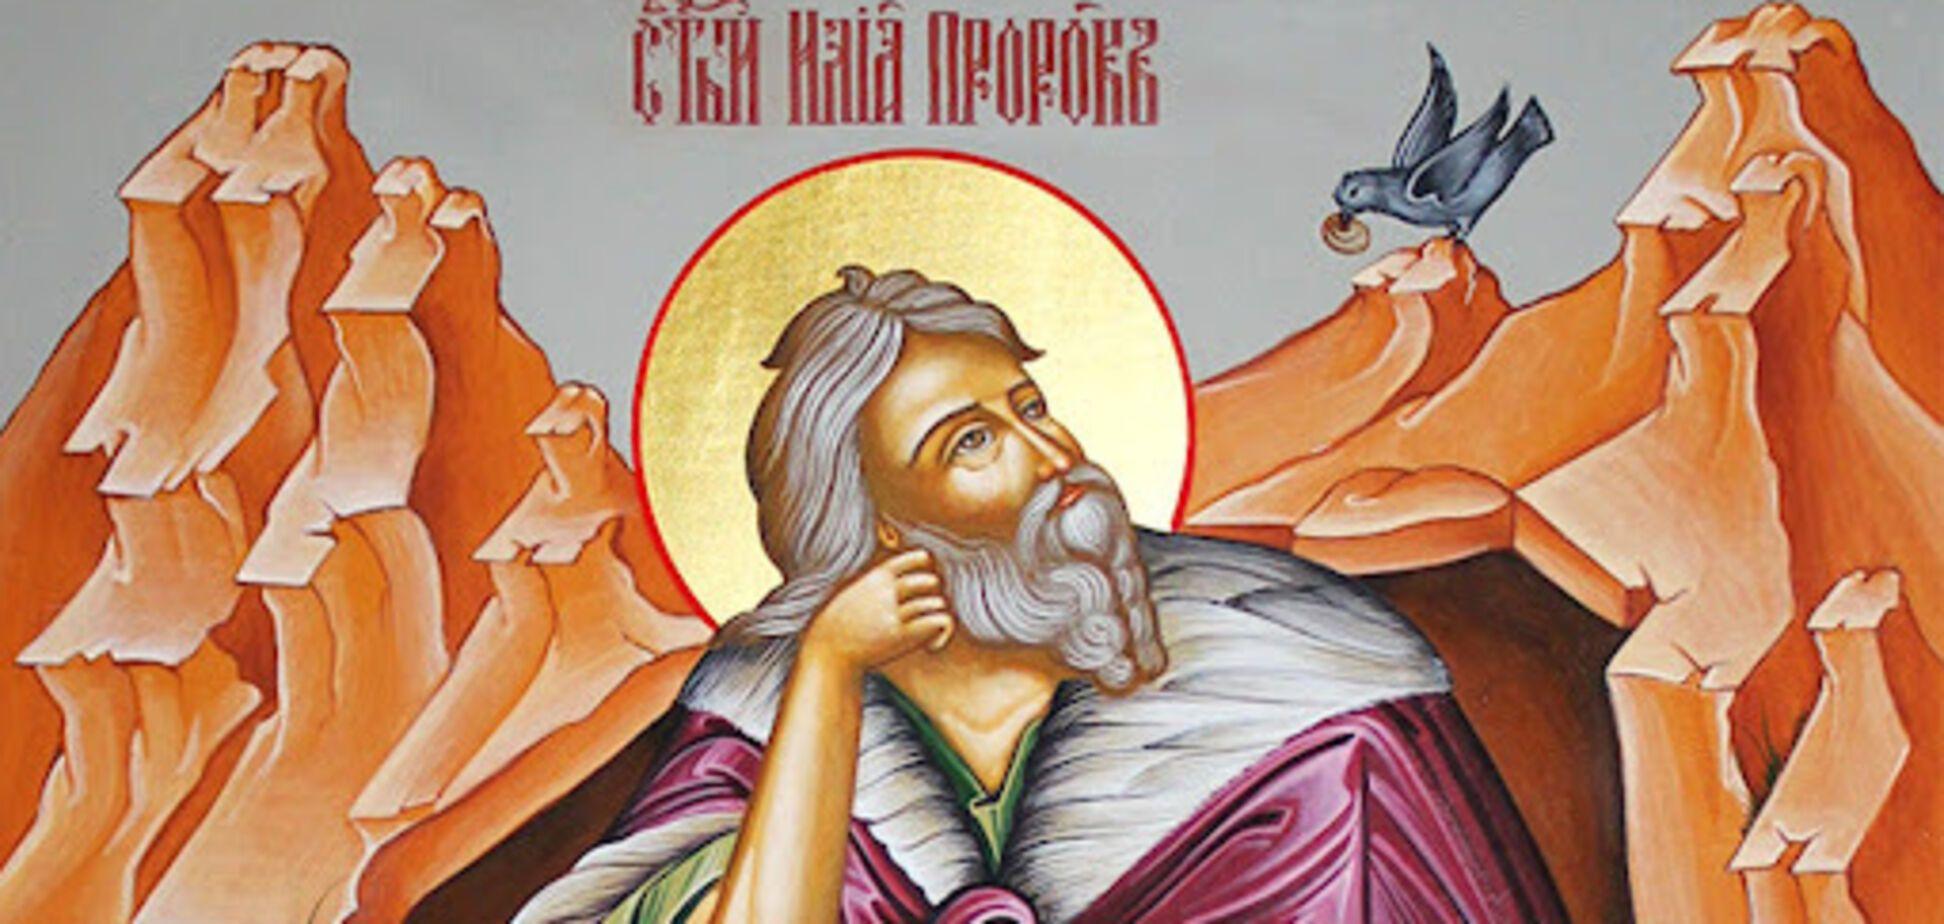 Считается, что святой пророк Илья вознесся на небо на огненной колеснице